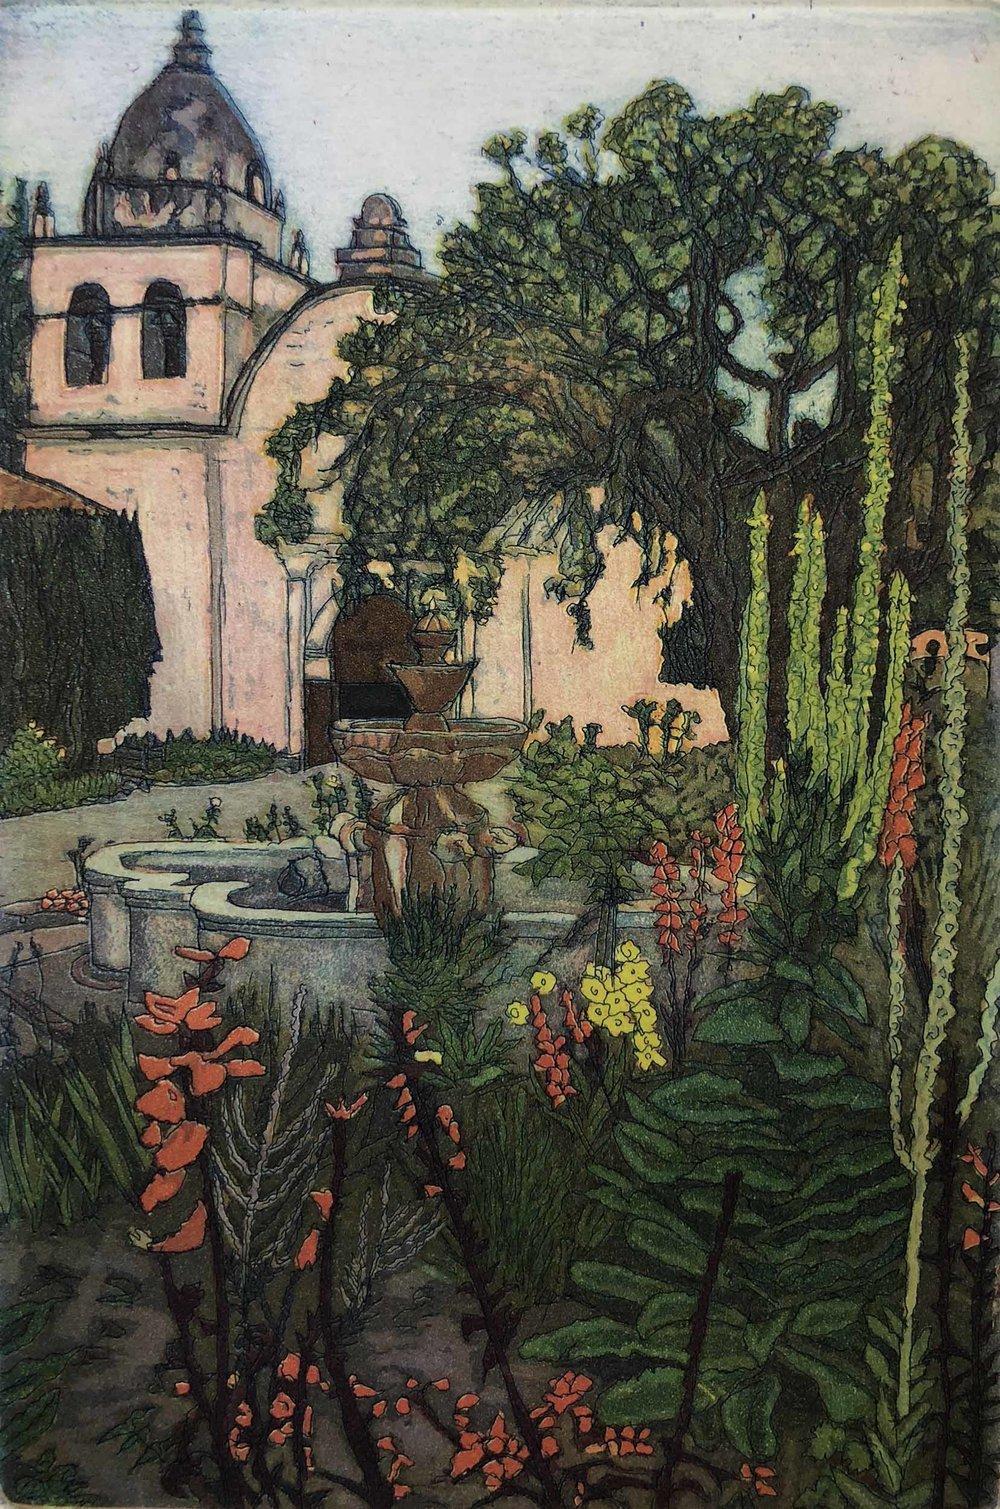 Landmark 1: Mission Garden